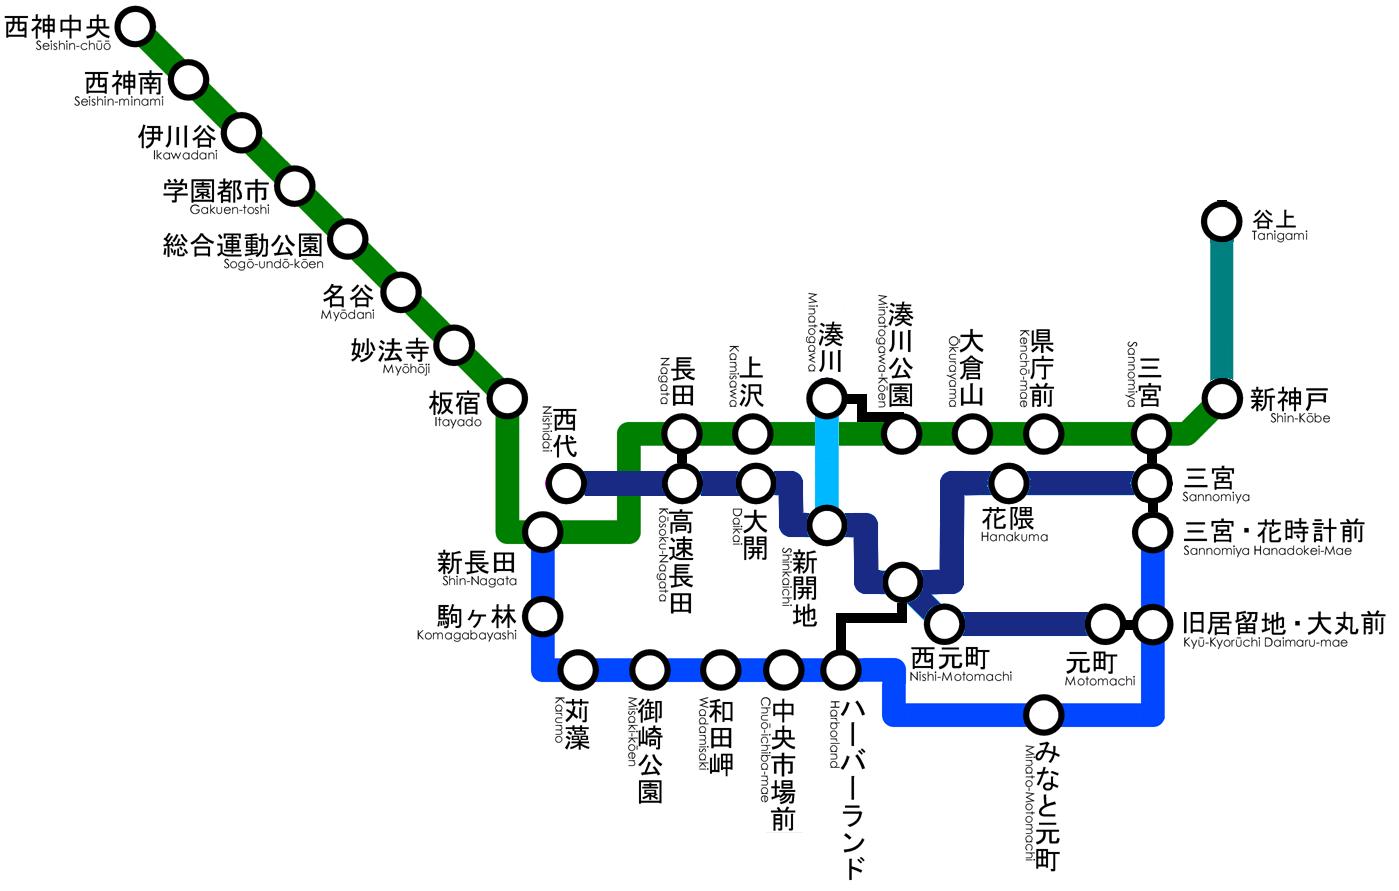 Kobe Municipal Subway Rapid Transit Wiki FANDOM powered by Wikia